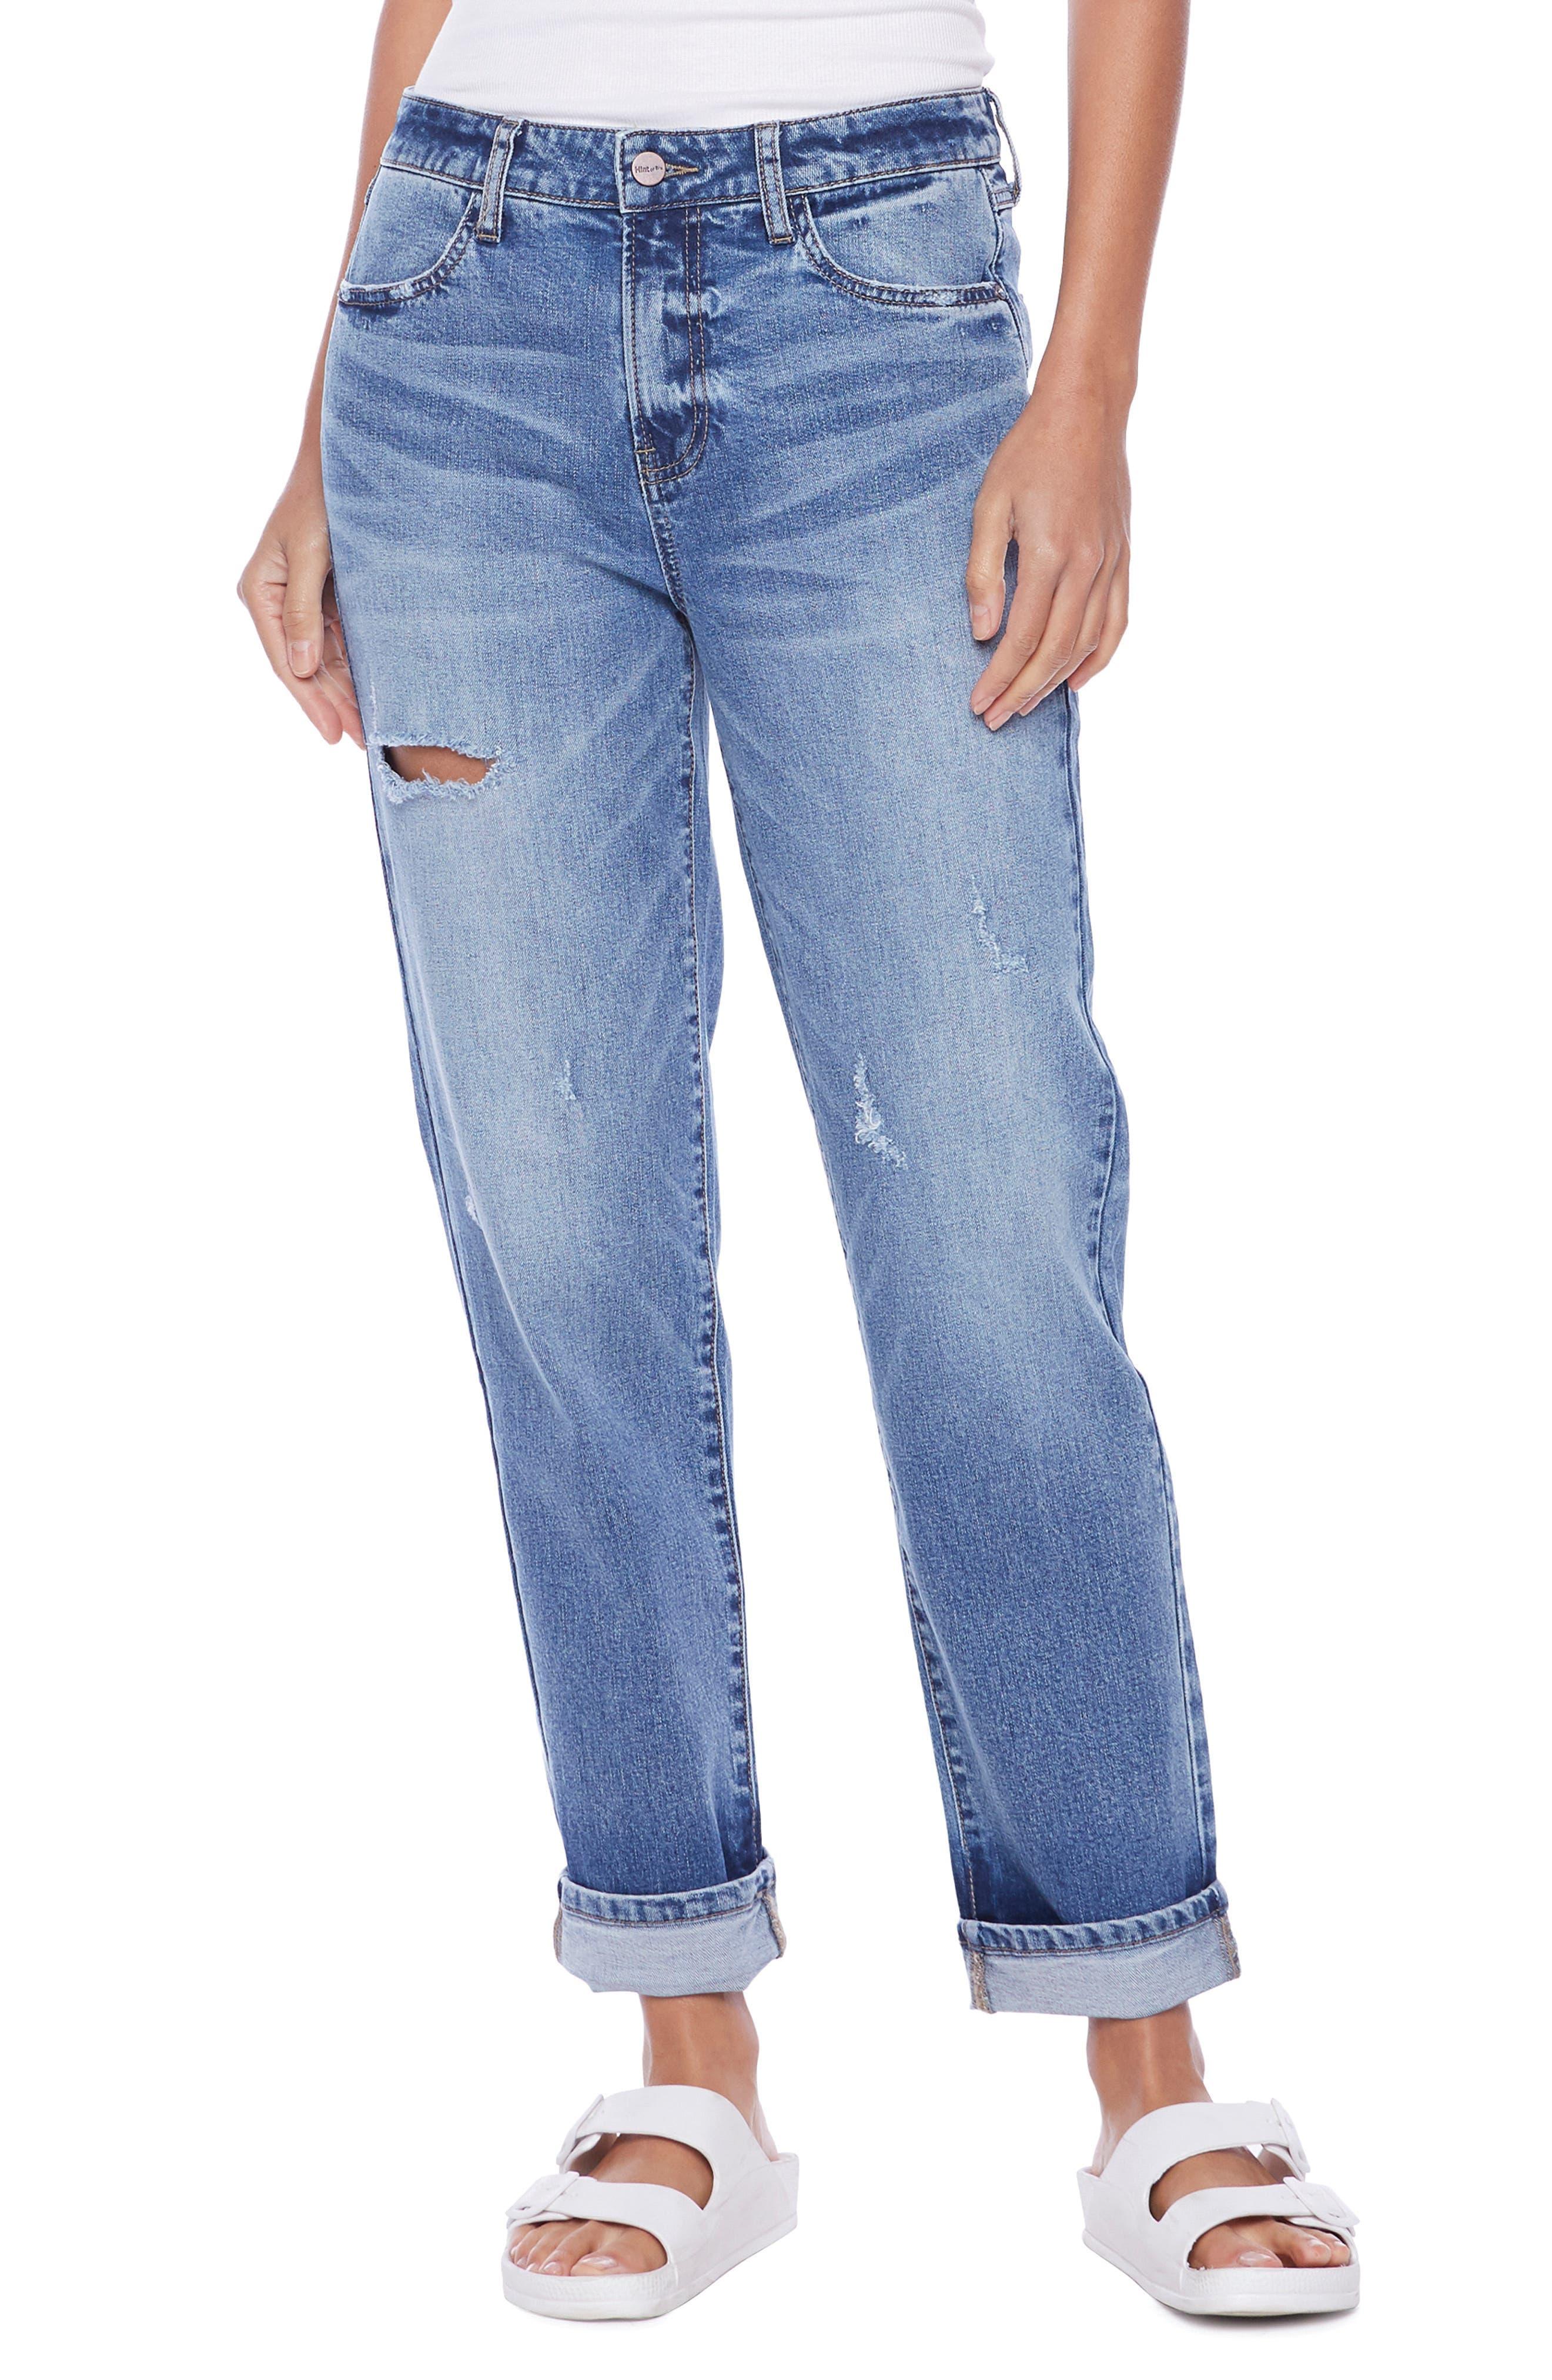 Effortless High Waist Ripped Boy Jeans